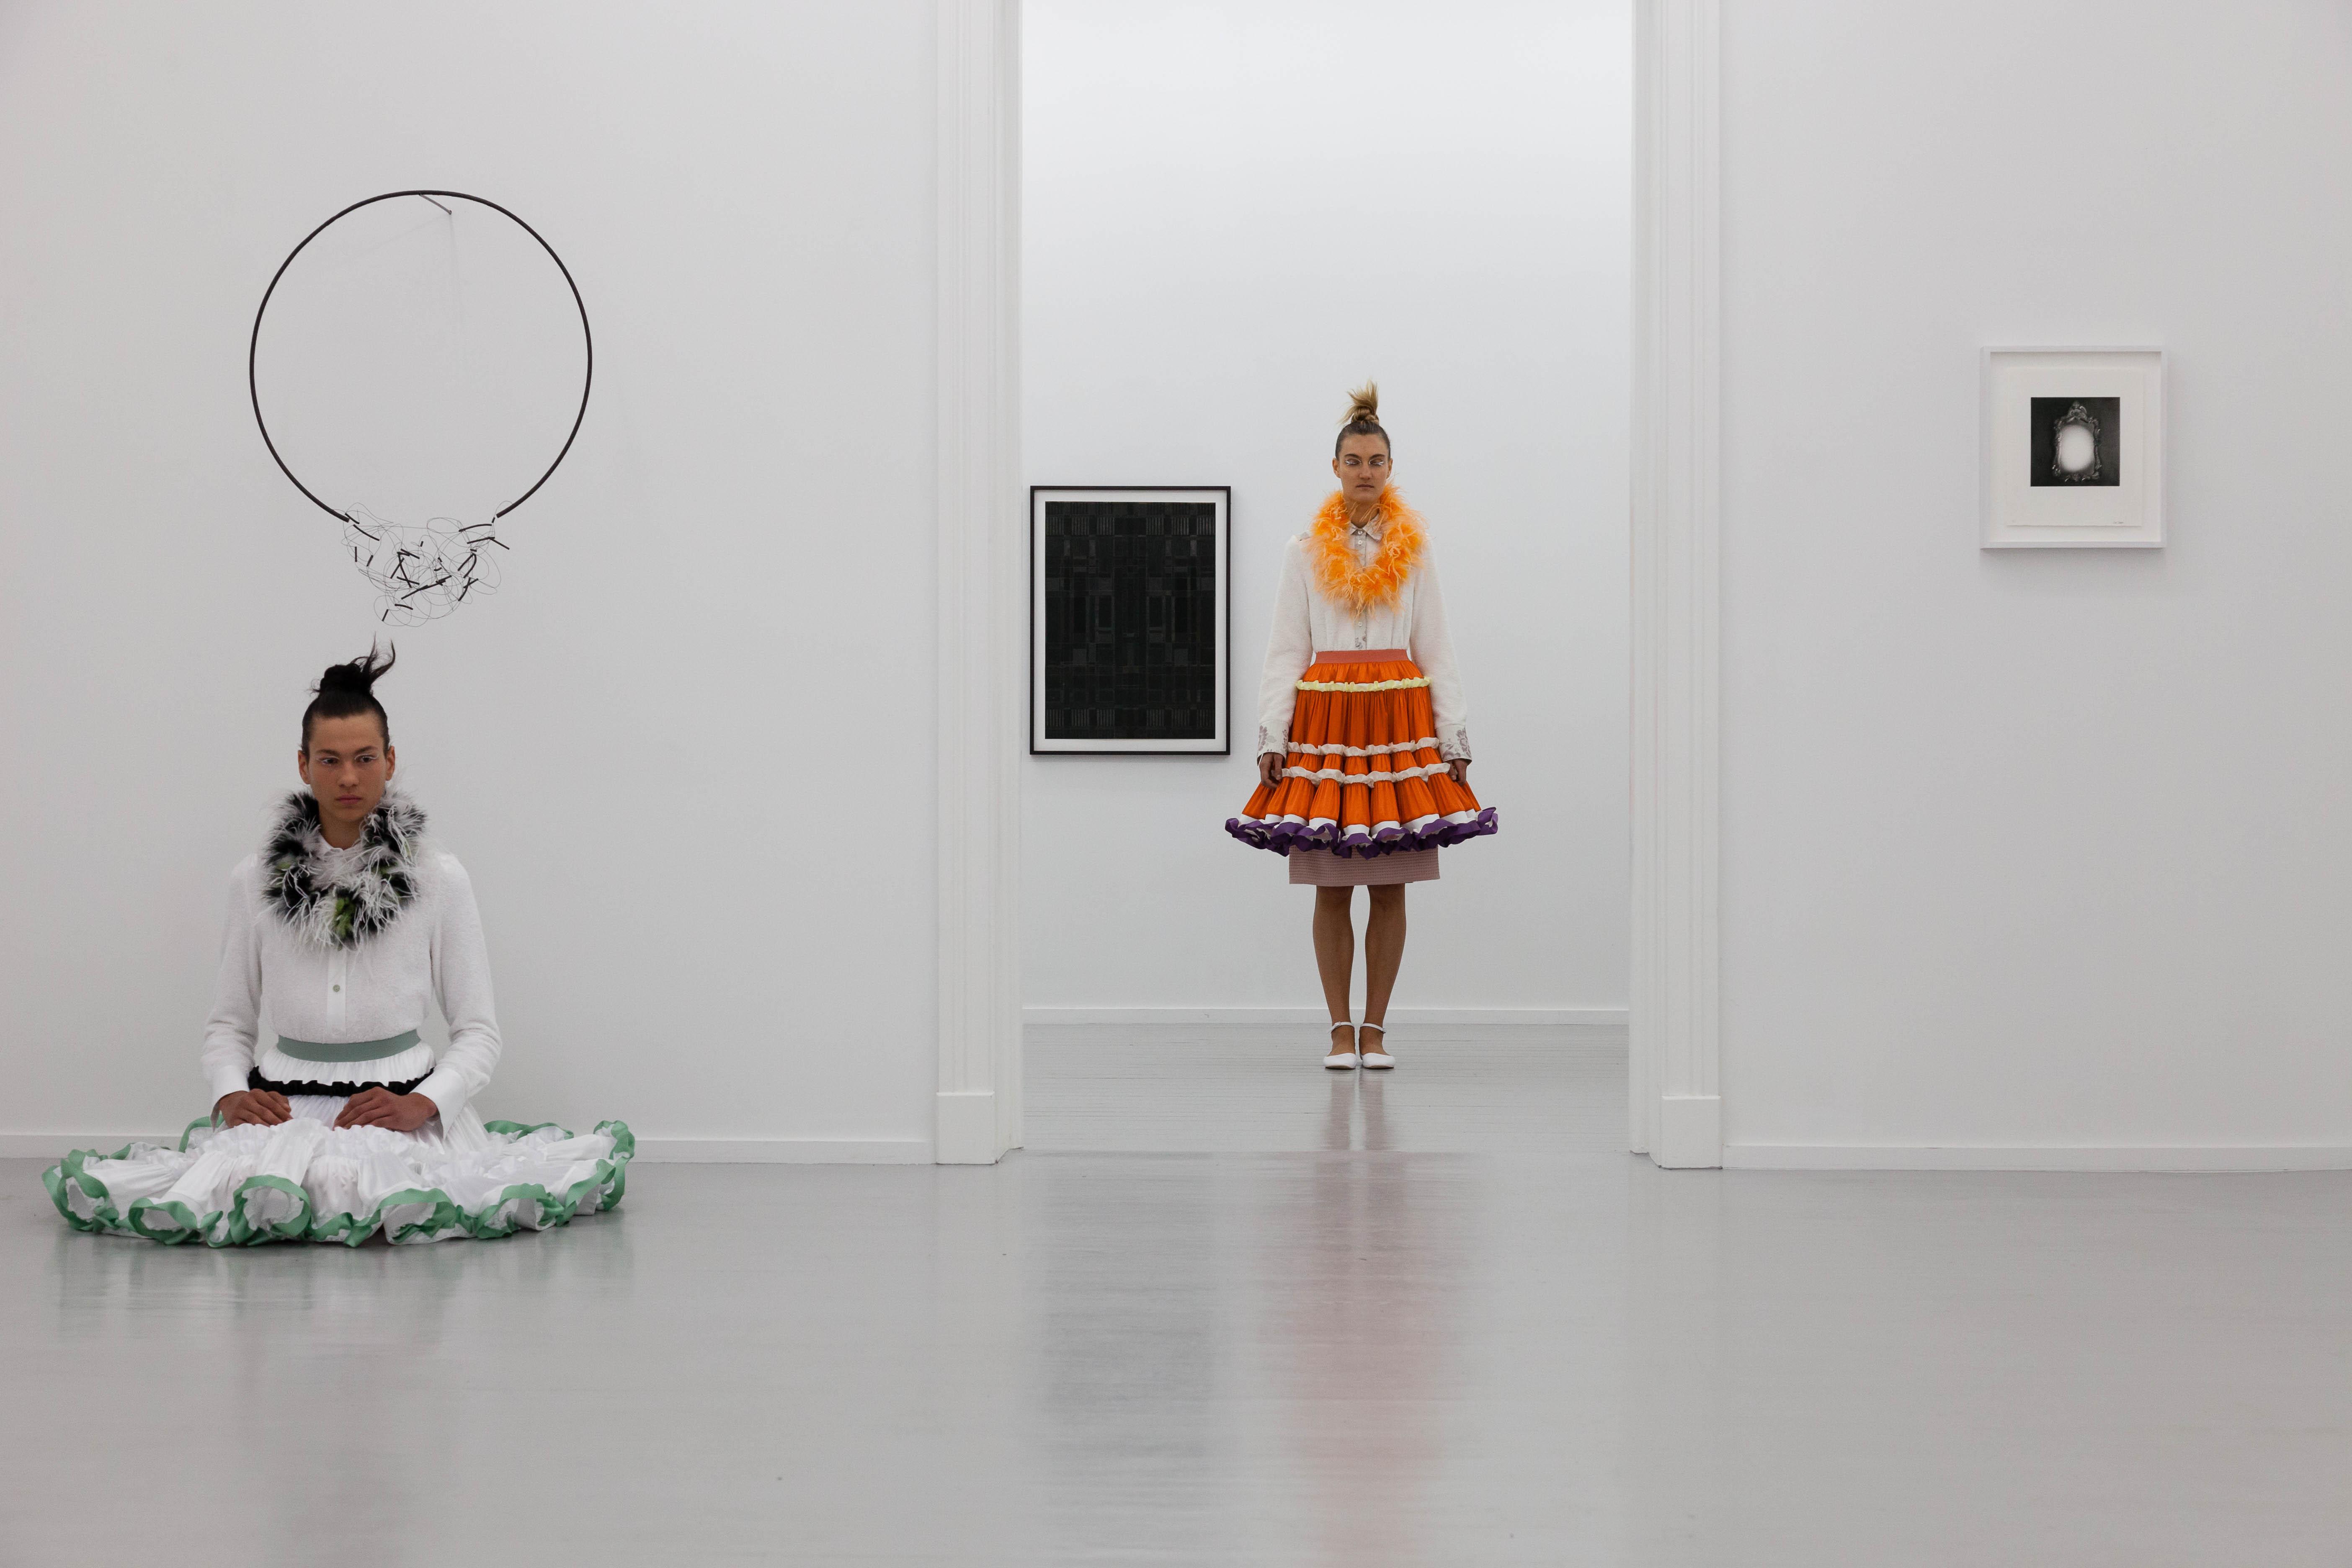 Déjà Vu (You Again), Admir Batlak, Galleri Riis, 2017